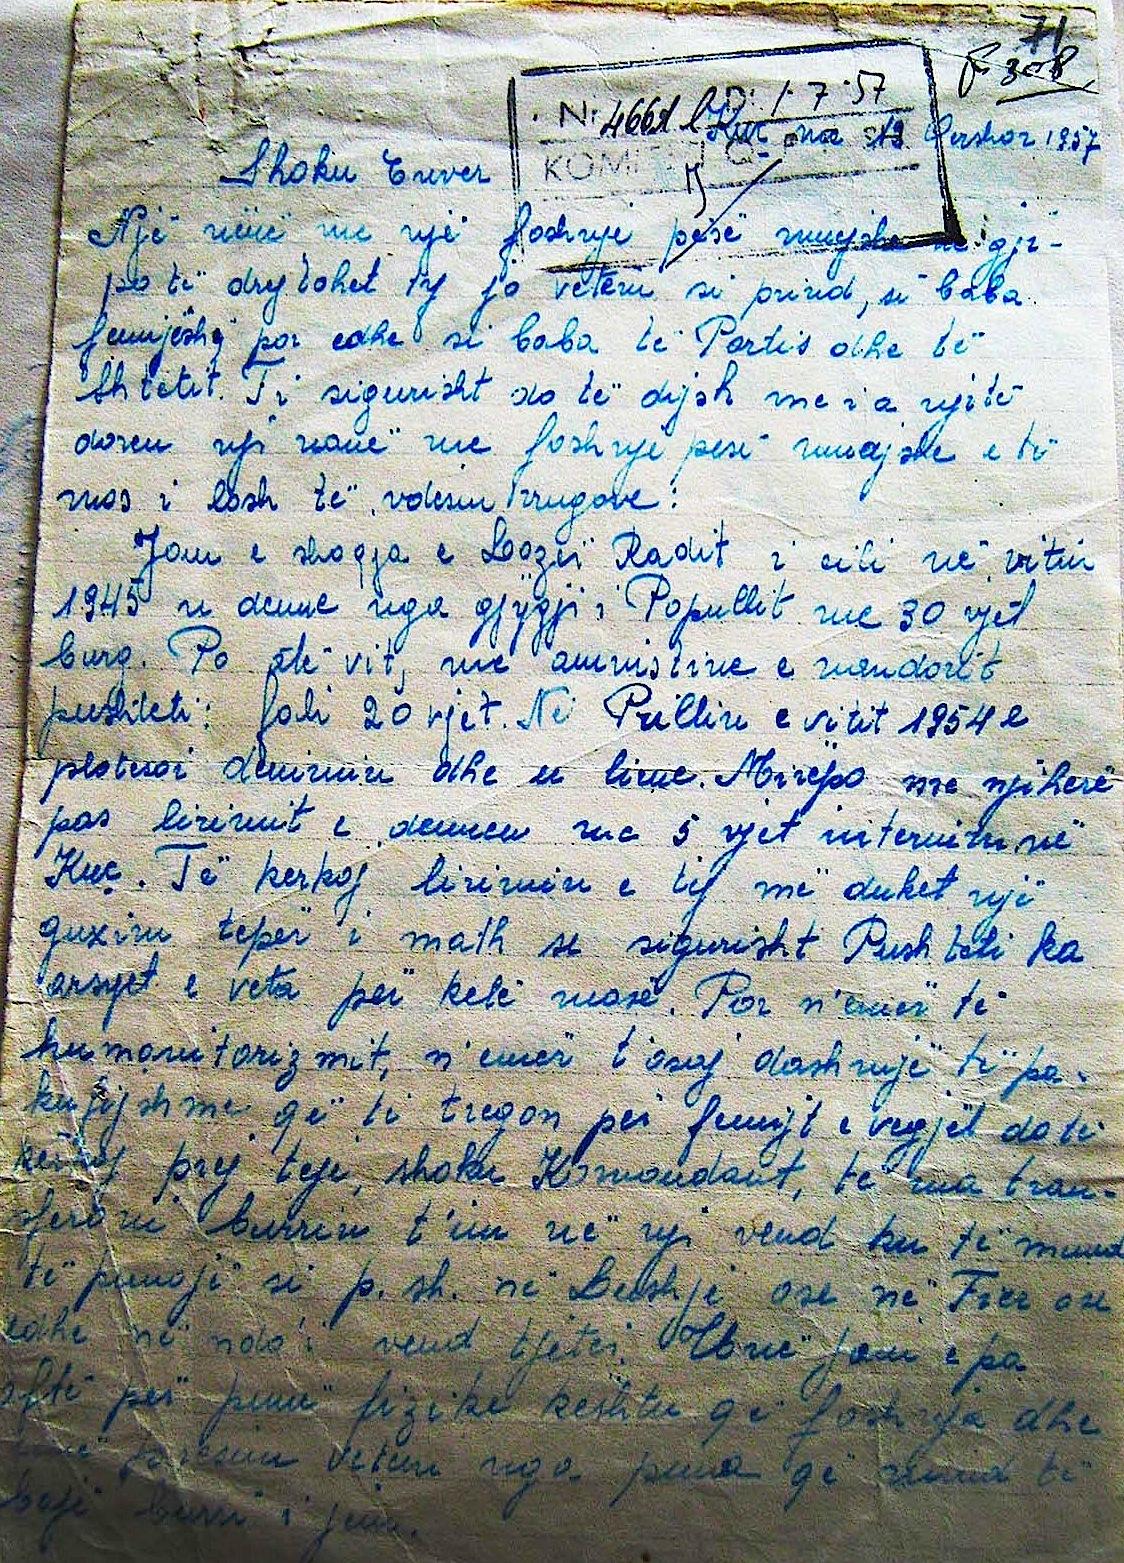 Viktori Radi i shkruan diktatorit  - 12 qershor 1957